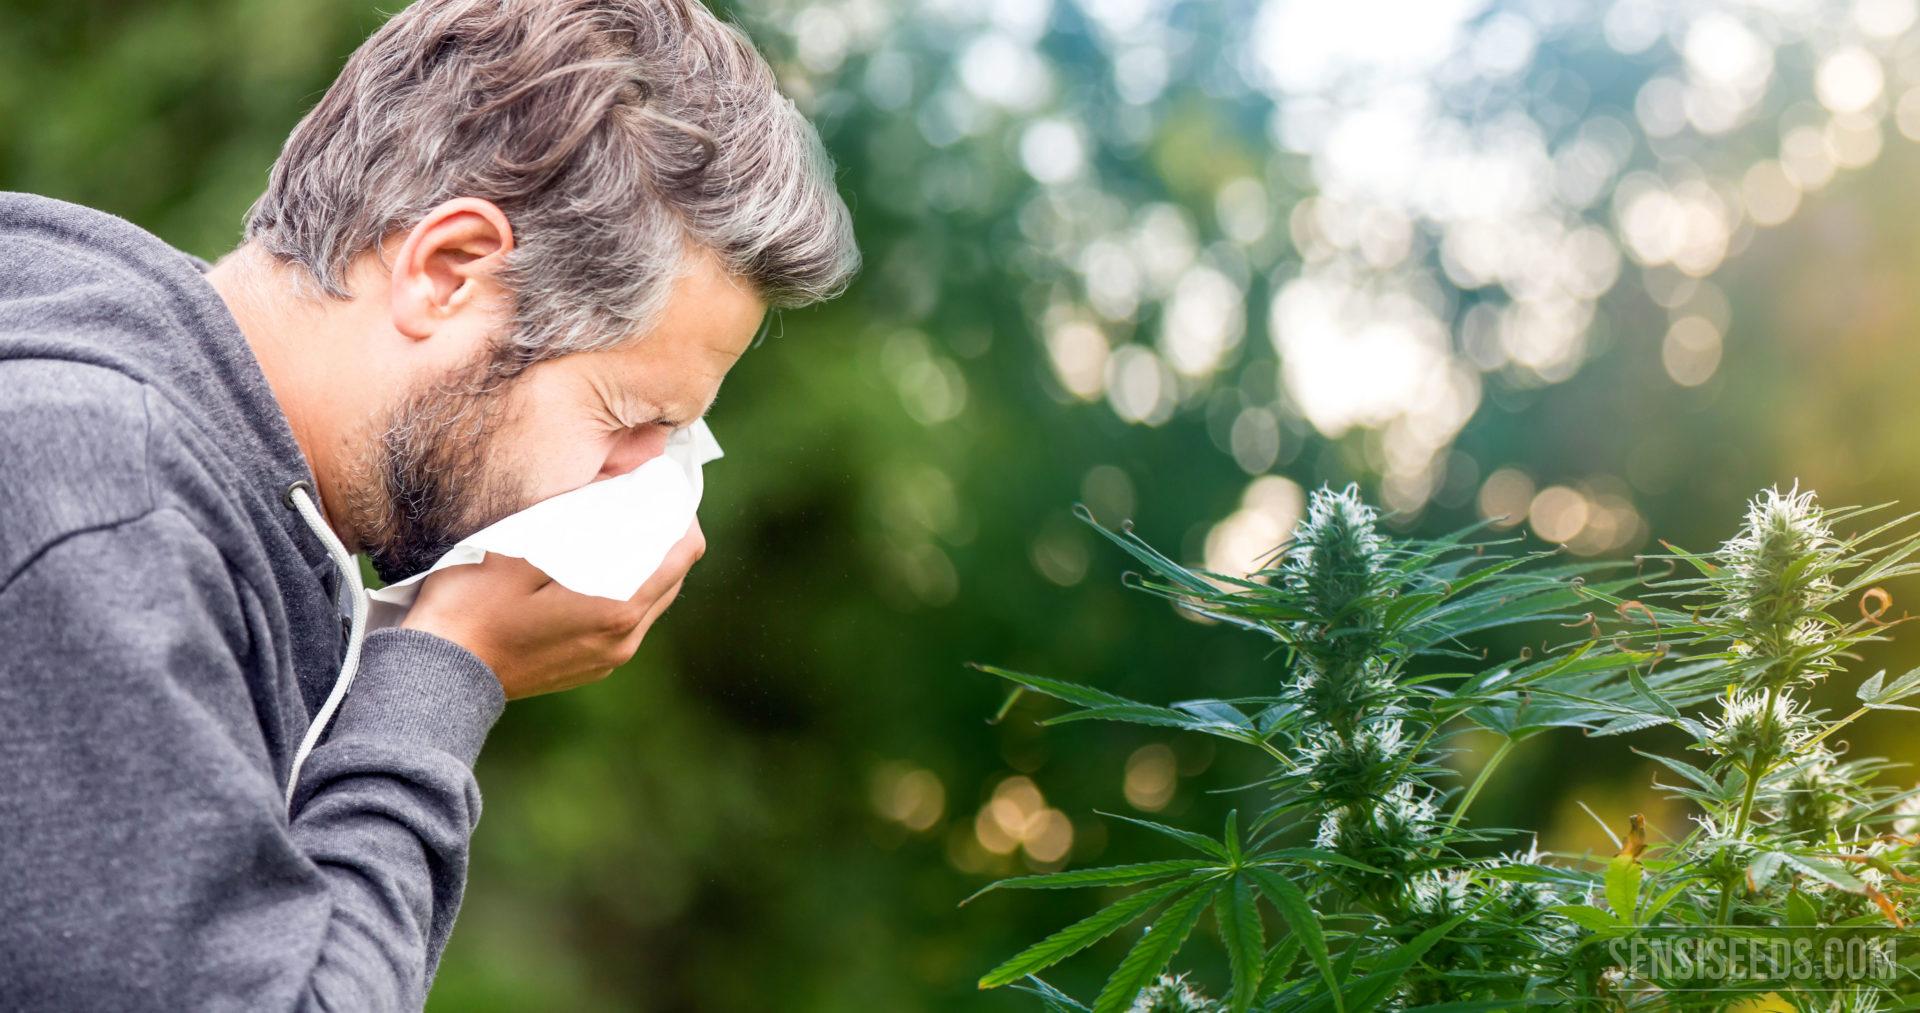 Allergie Planten Huid : Bestaat cannabisallergie